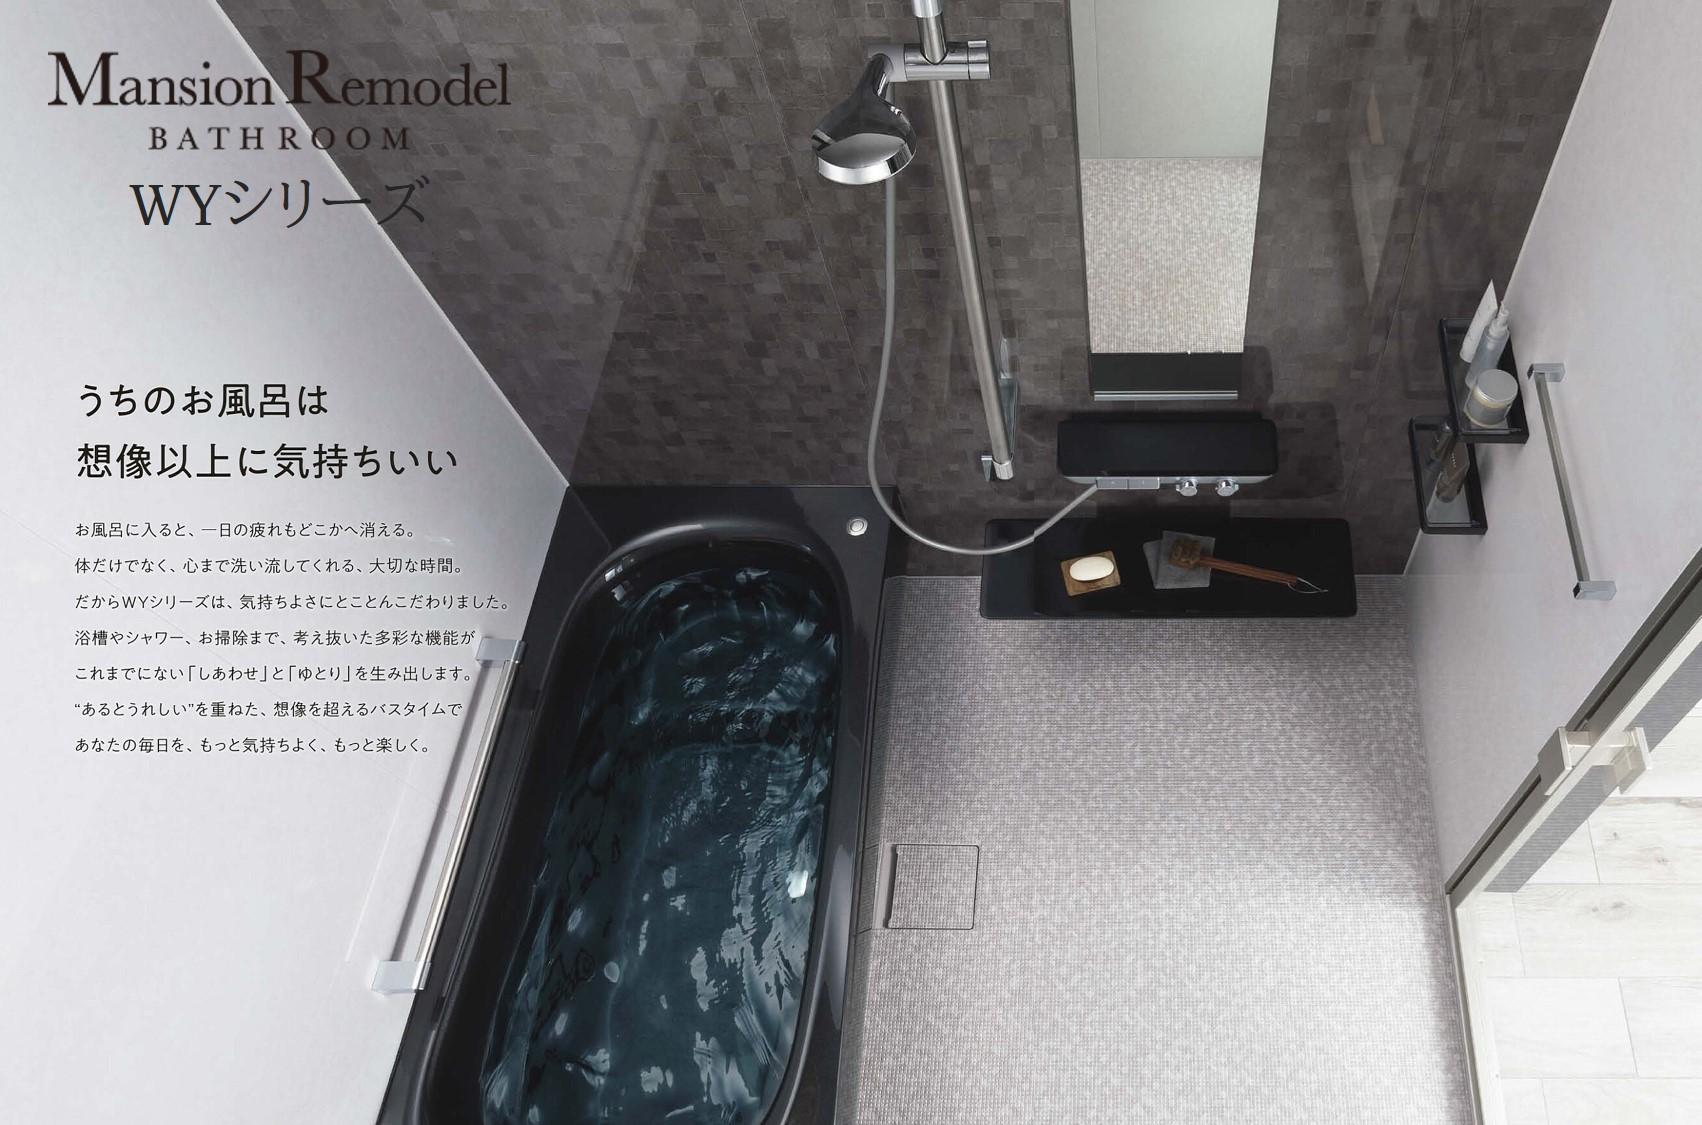 お風呂 リフォーム さいたま 東京 神奈川 千葉